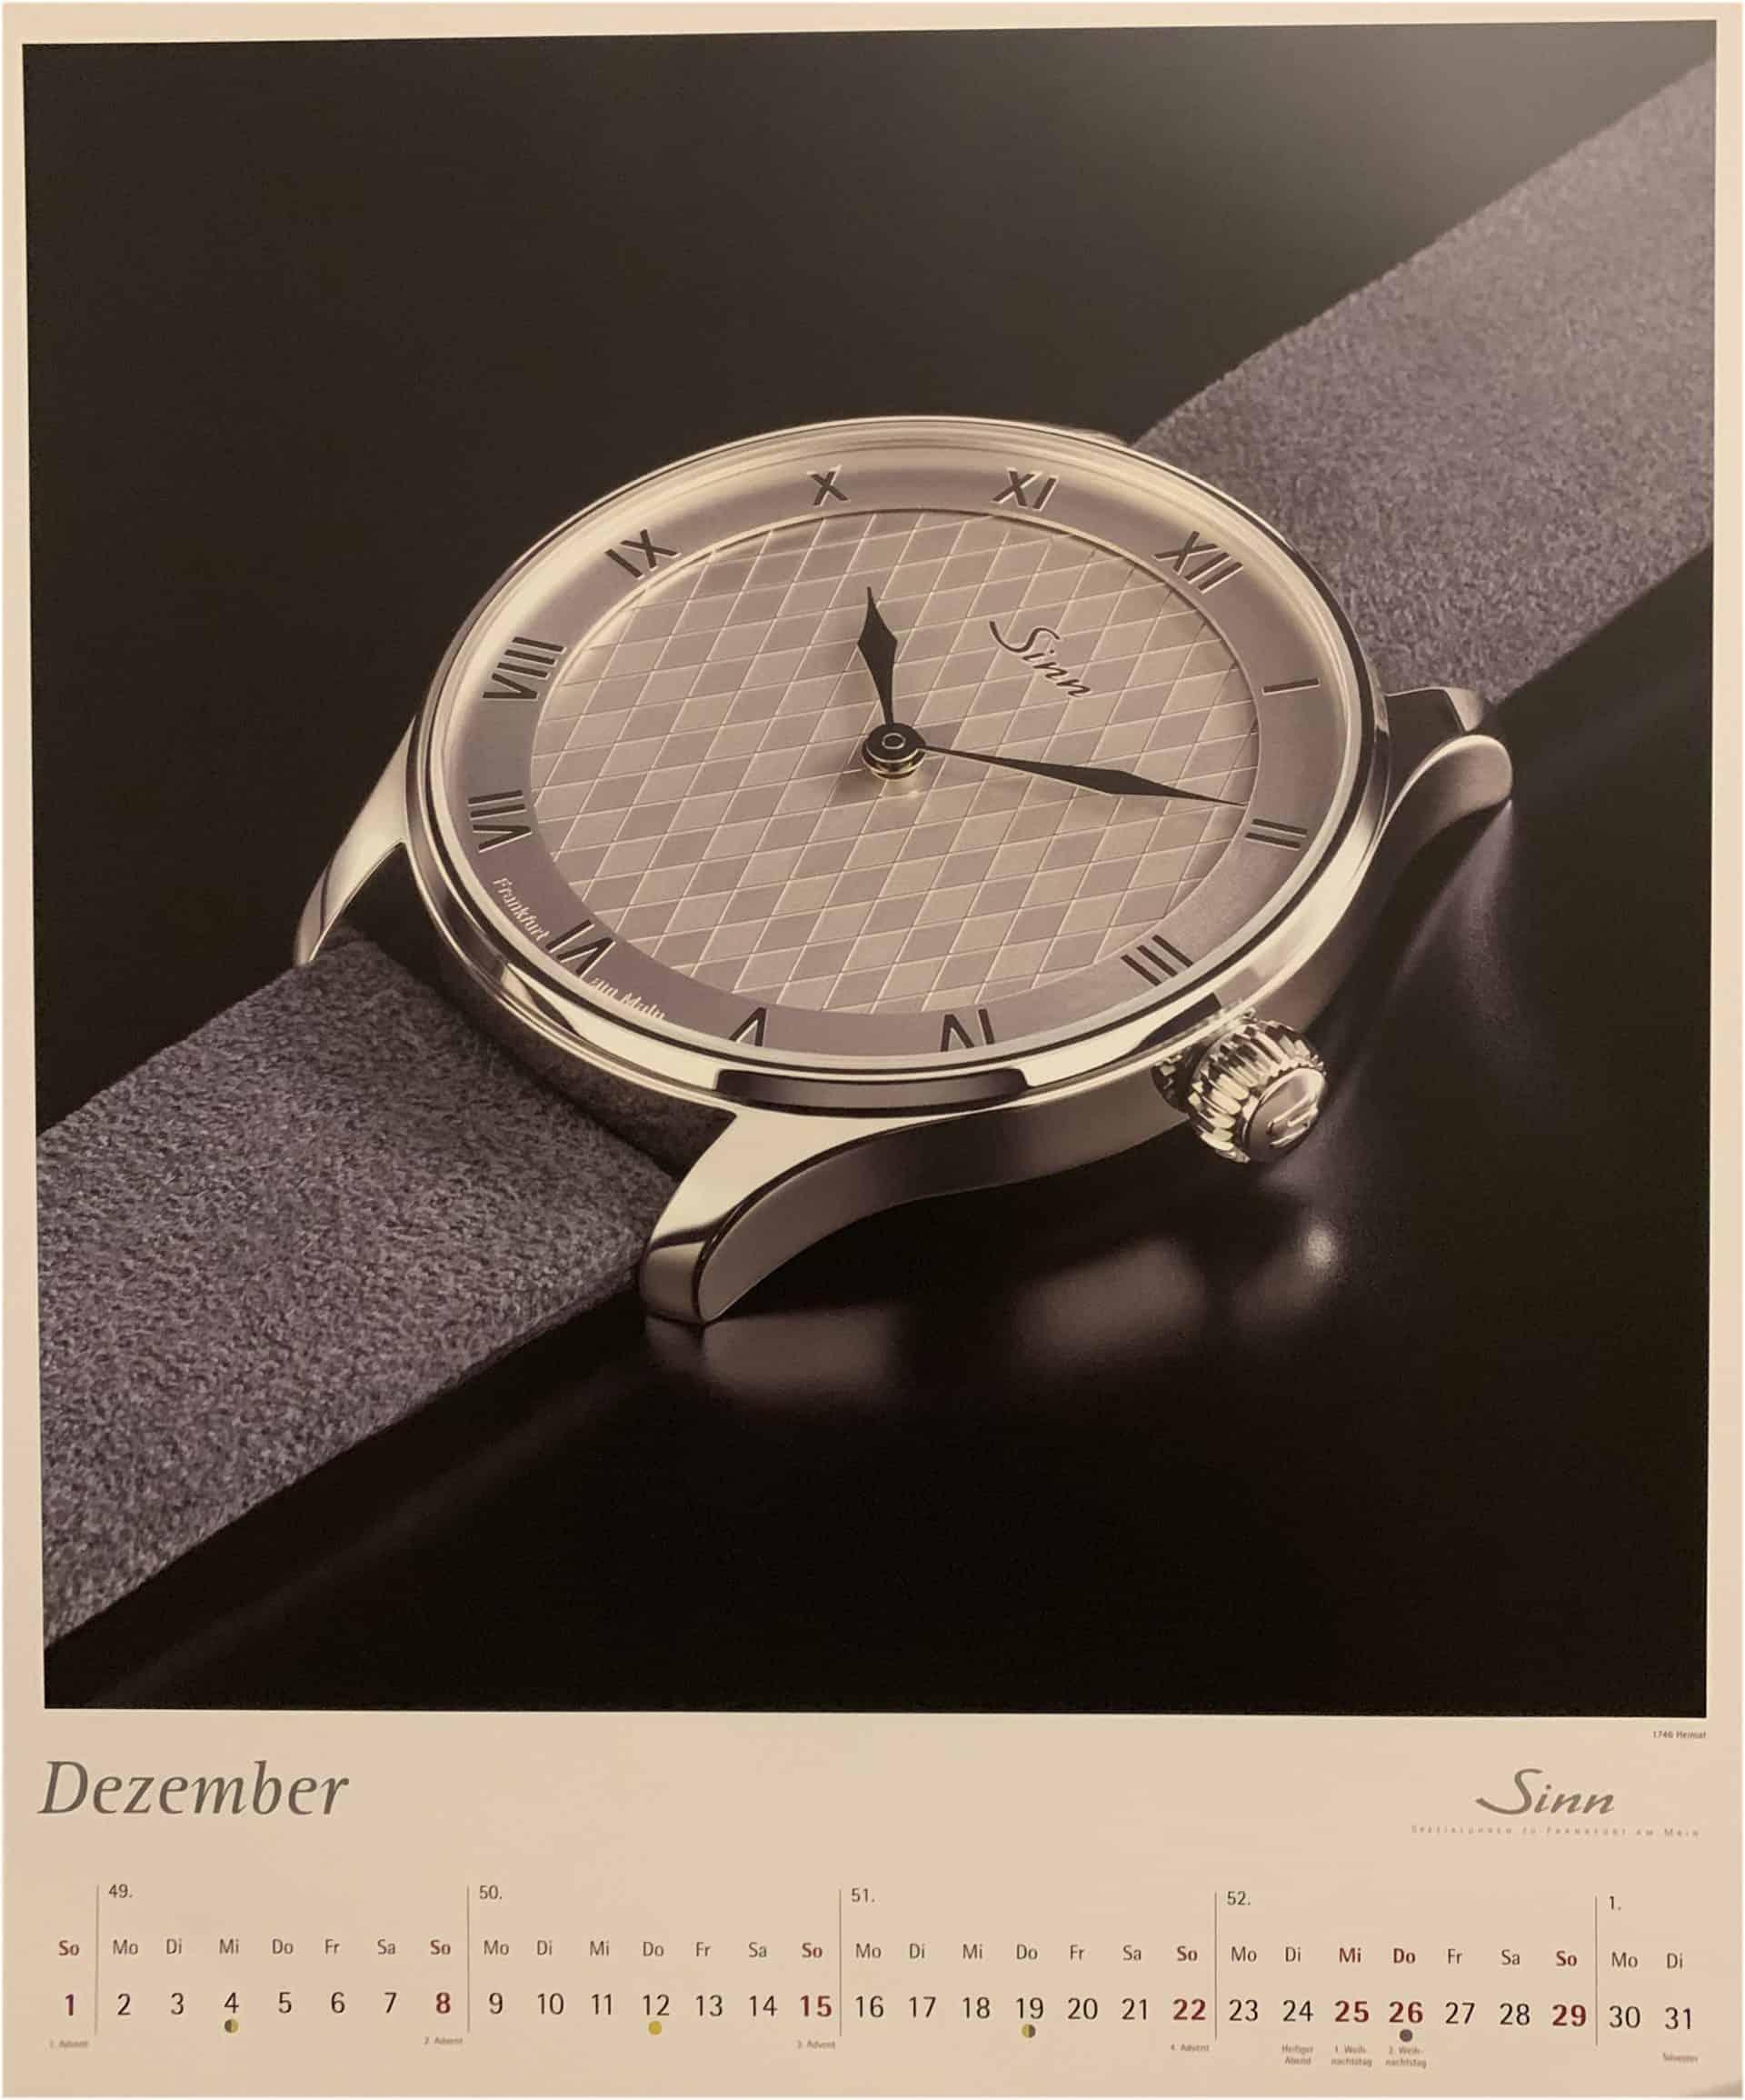 Sinn Uhrenkalender 2019 - Monat Dezember